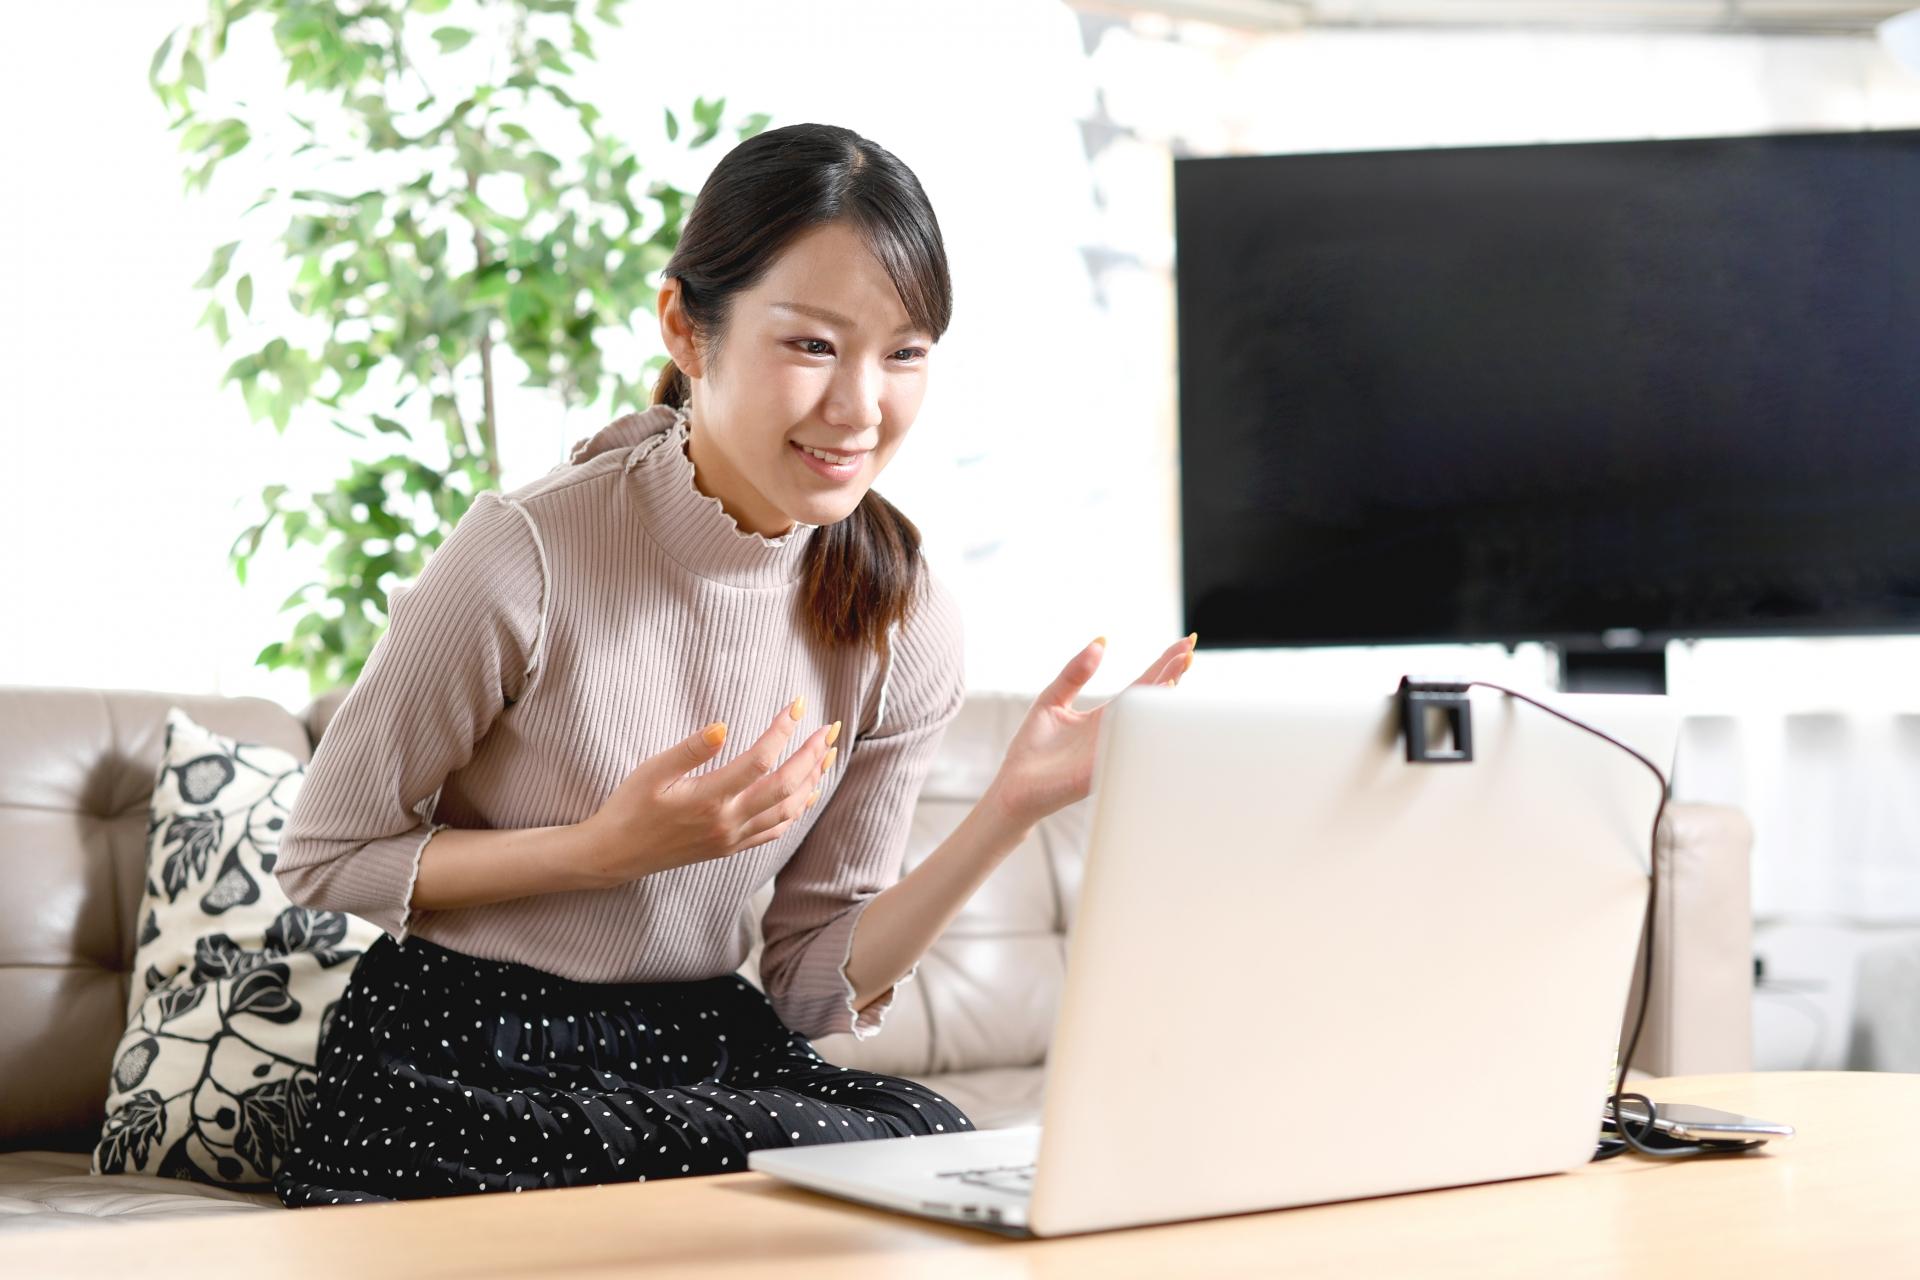 オンラインで英会話を学ぶ女性の写真